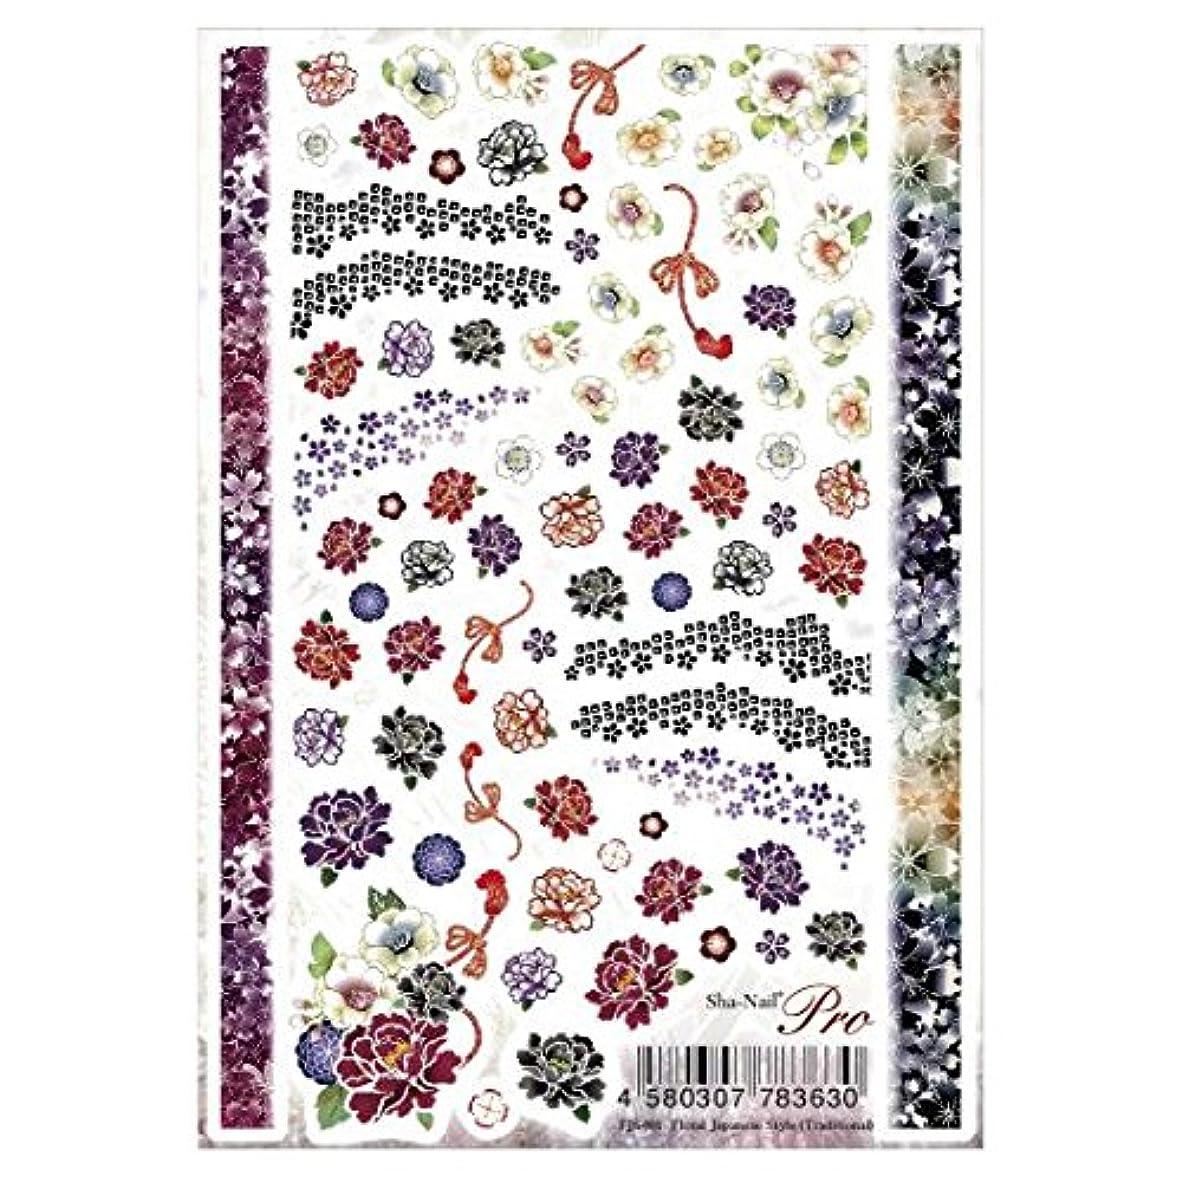 ブルーベルフォーカス灌漑写ネイルプロ ネイルシール 和の花 トラディショナル アート材